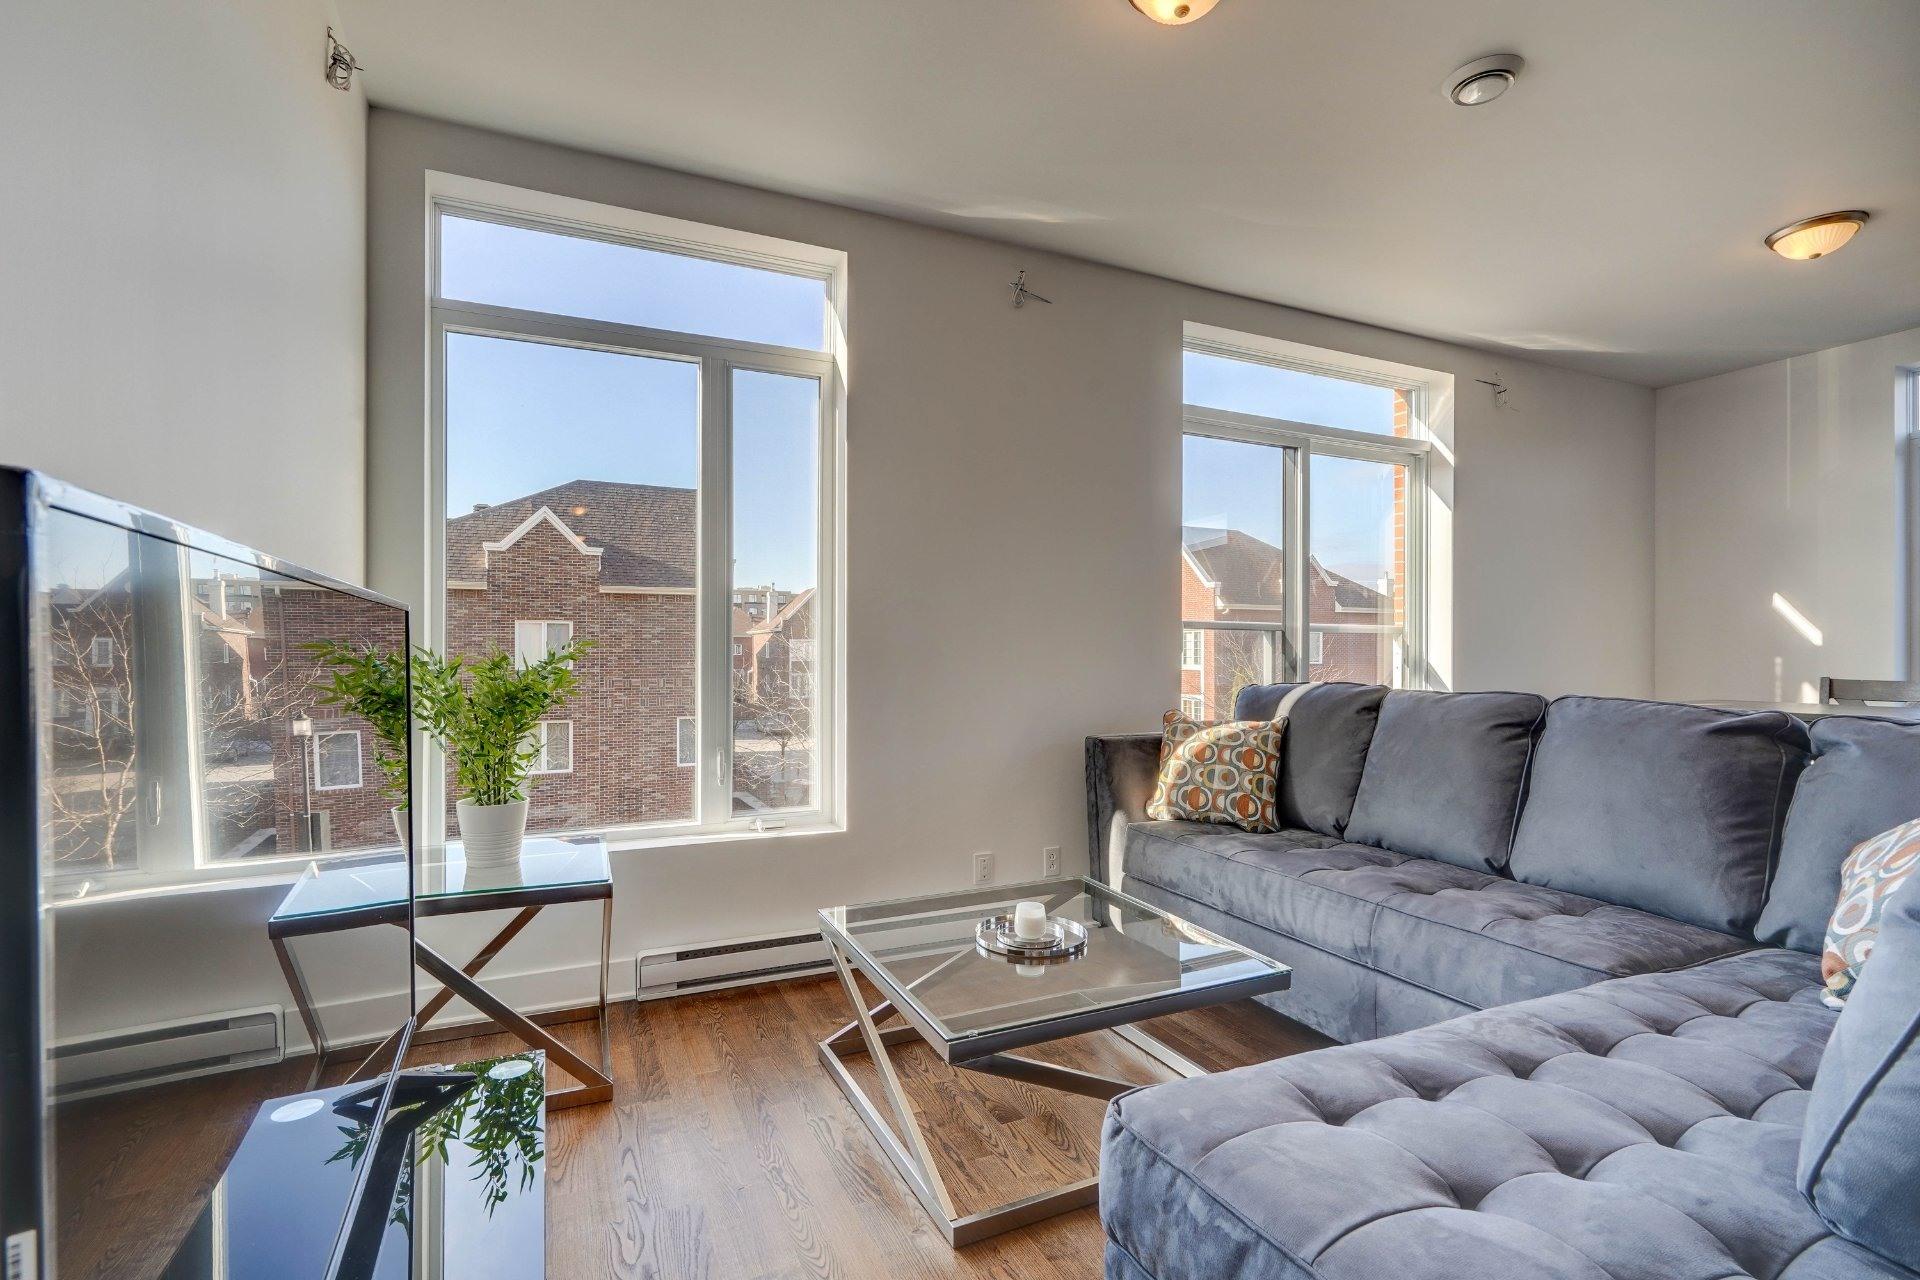 image 7 - Appartement À vendre Lachine Montréal  - 11 pièces